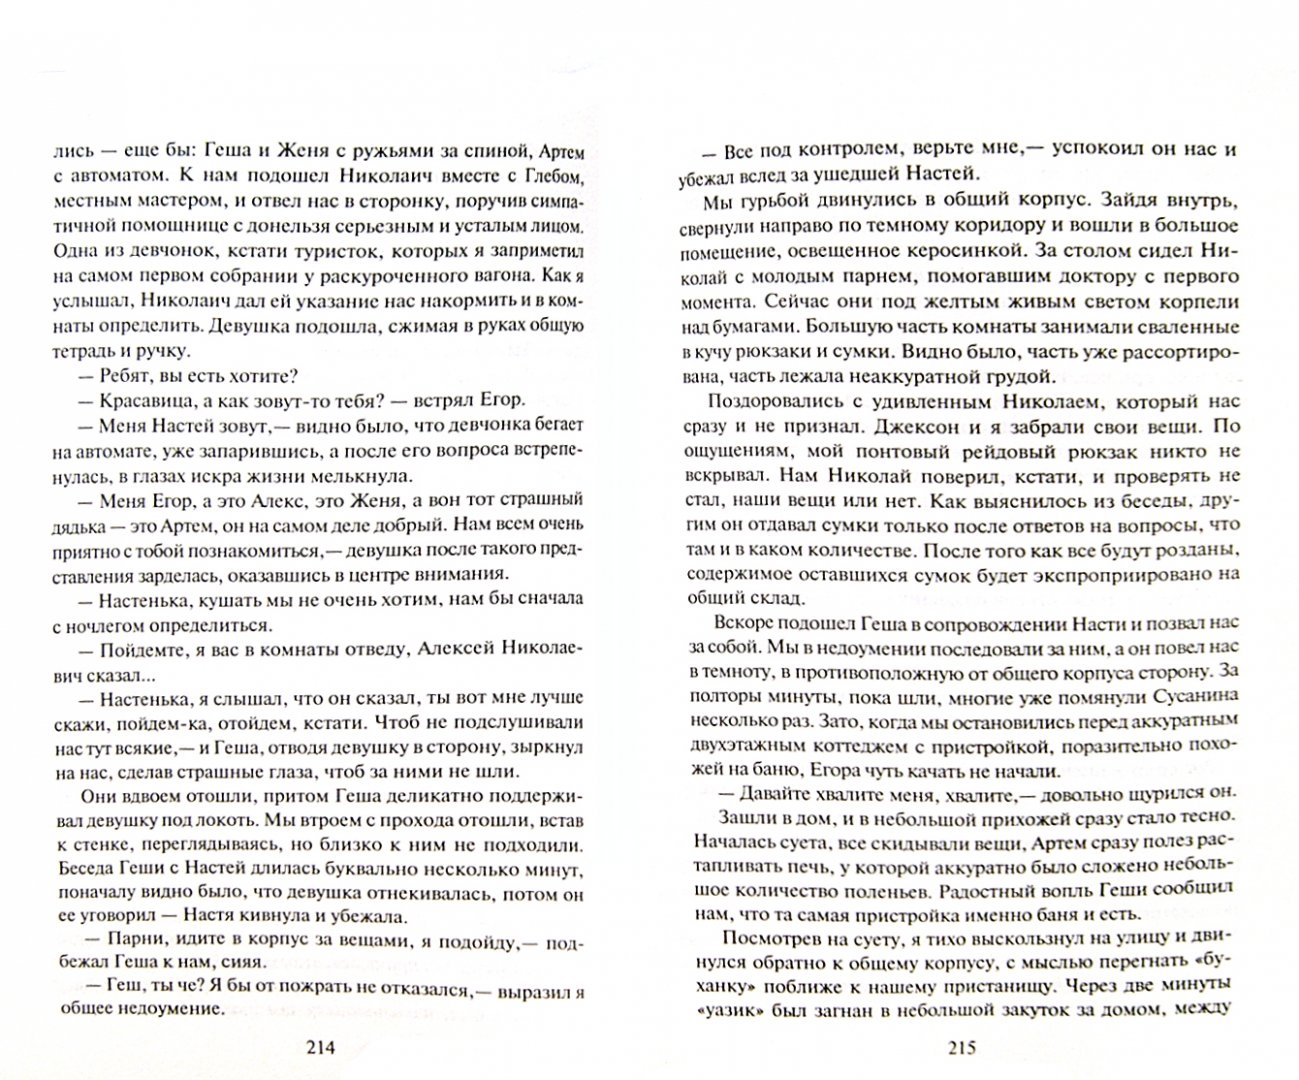 Иллюстрация 1 из 9 для Дикий мир. Колонисты - Сергей Извольский | Лабиринт - книги. Источник: Лабиринт